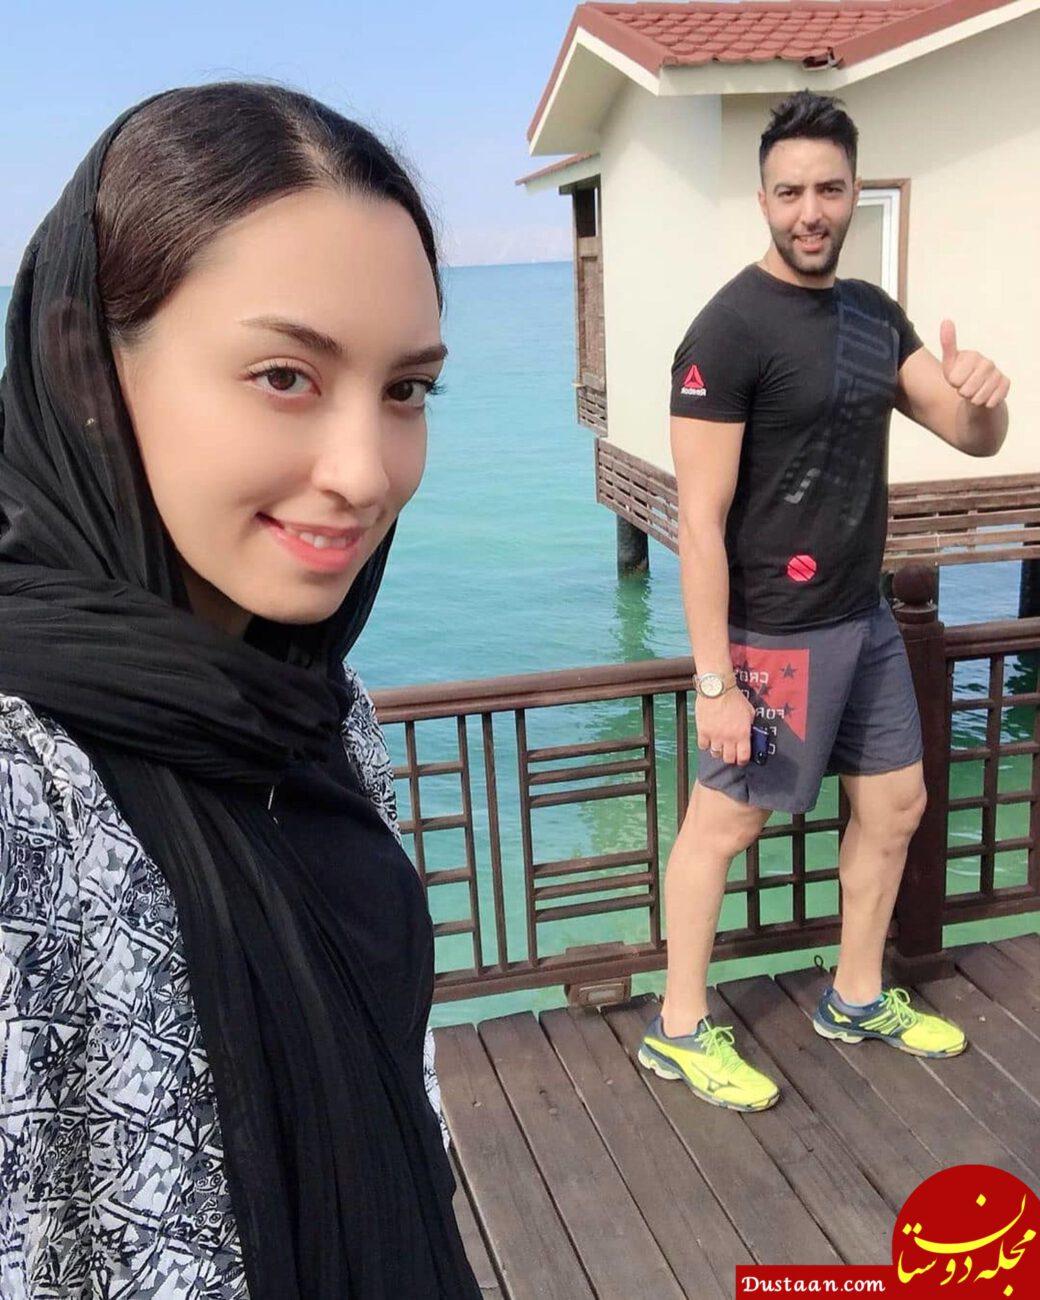 جزئیات ازدواج کیمیا علیزاده و حامد معدنچی +عکس ها